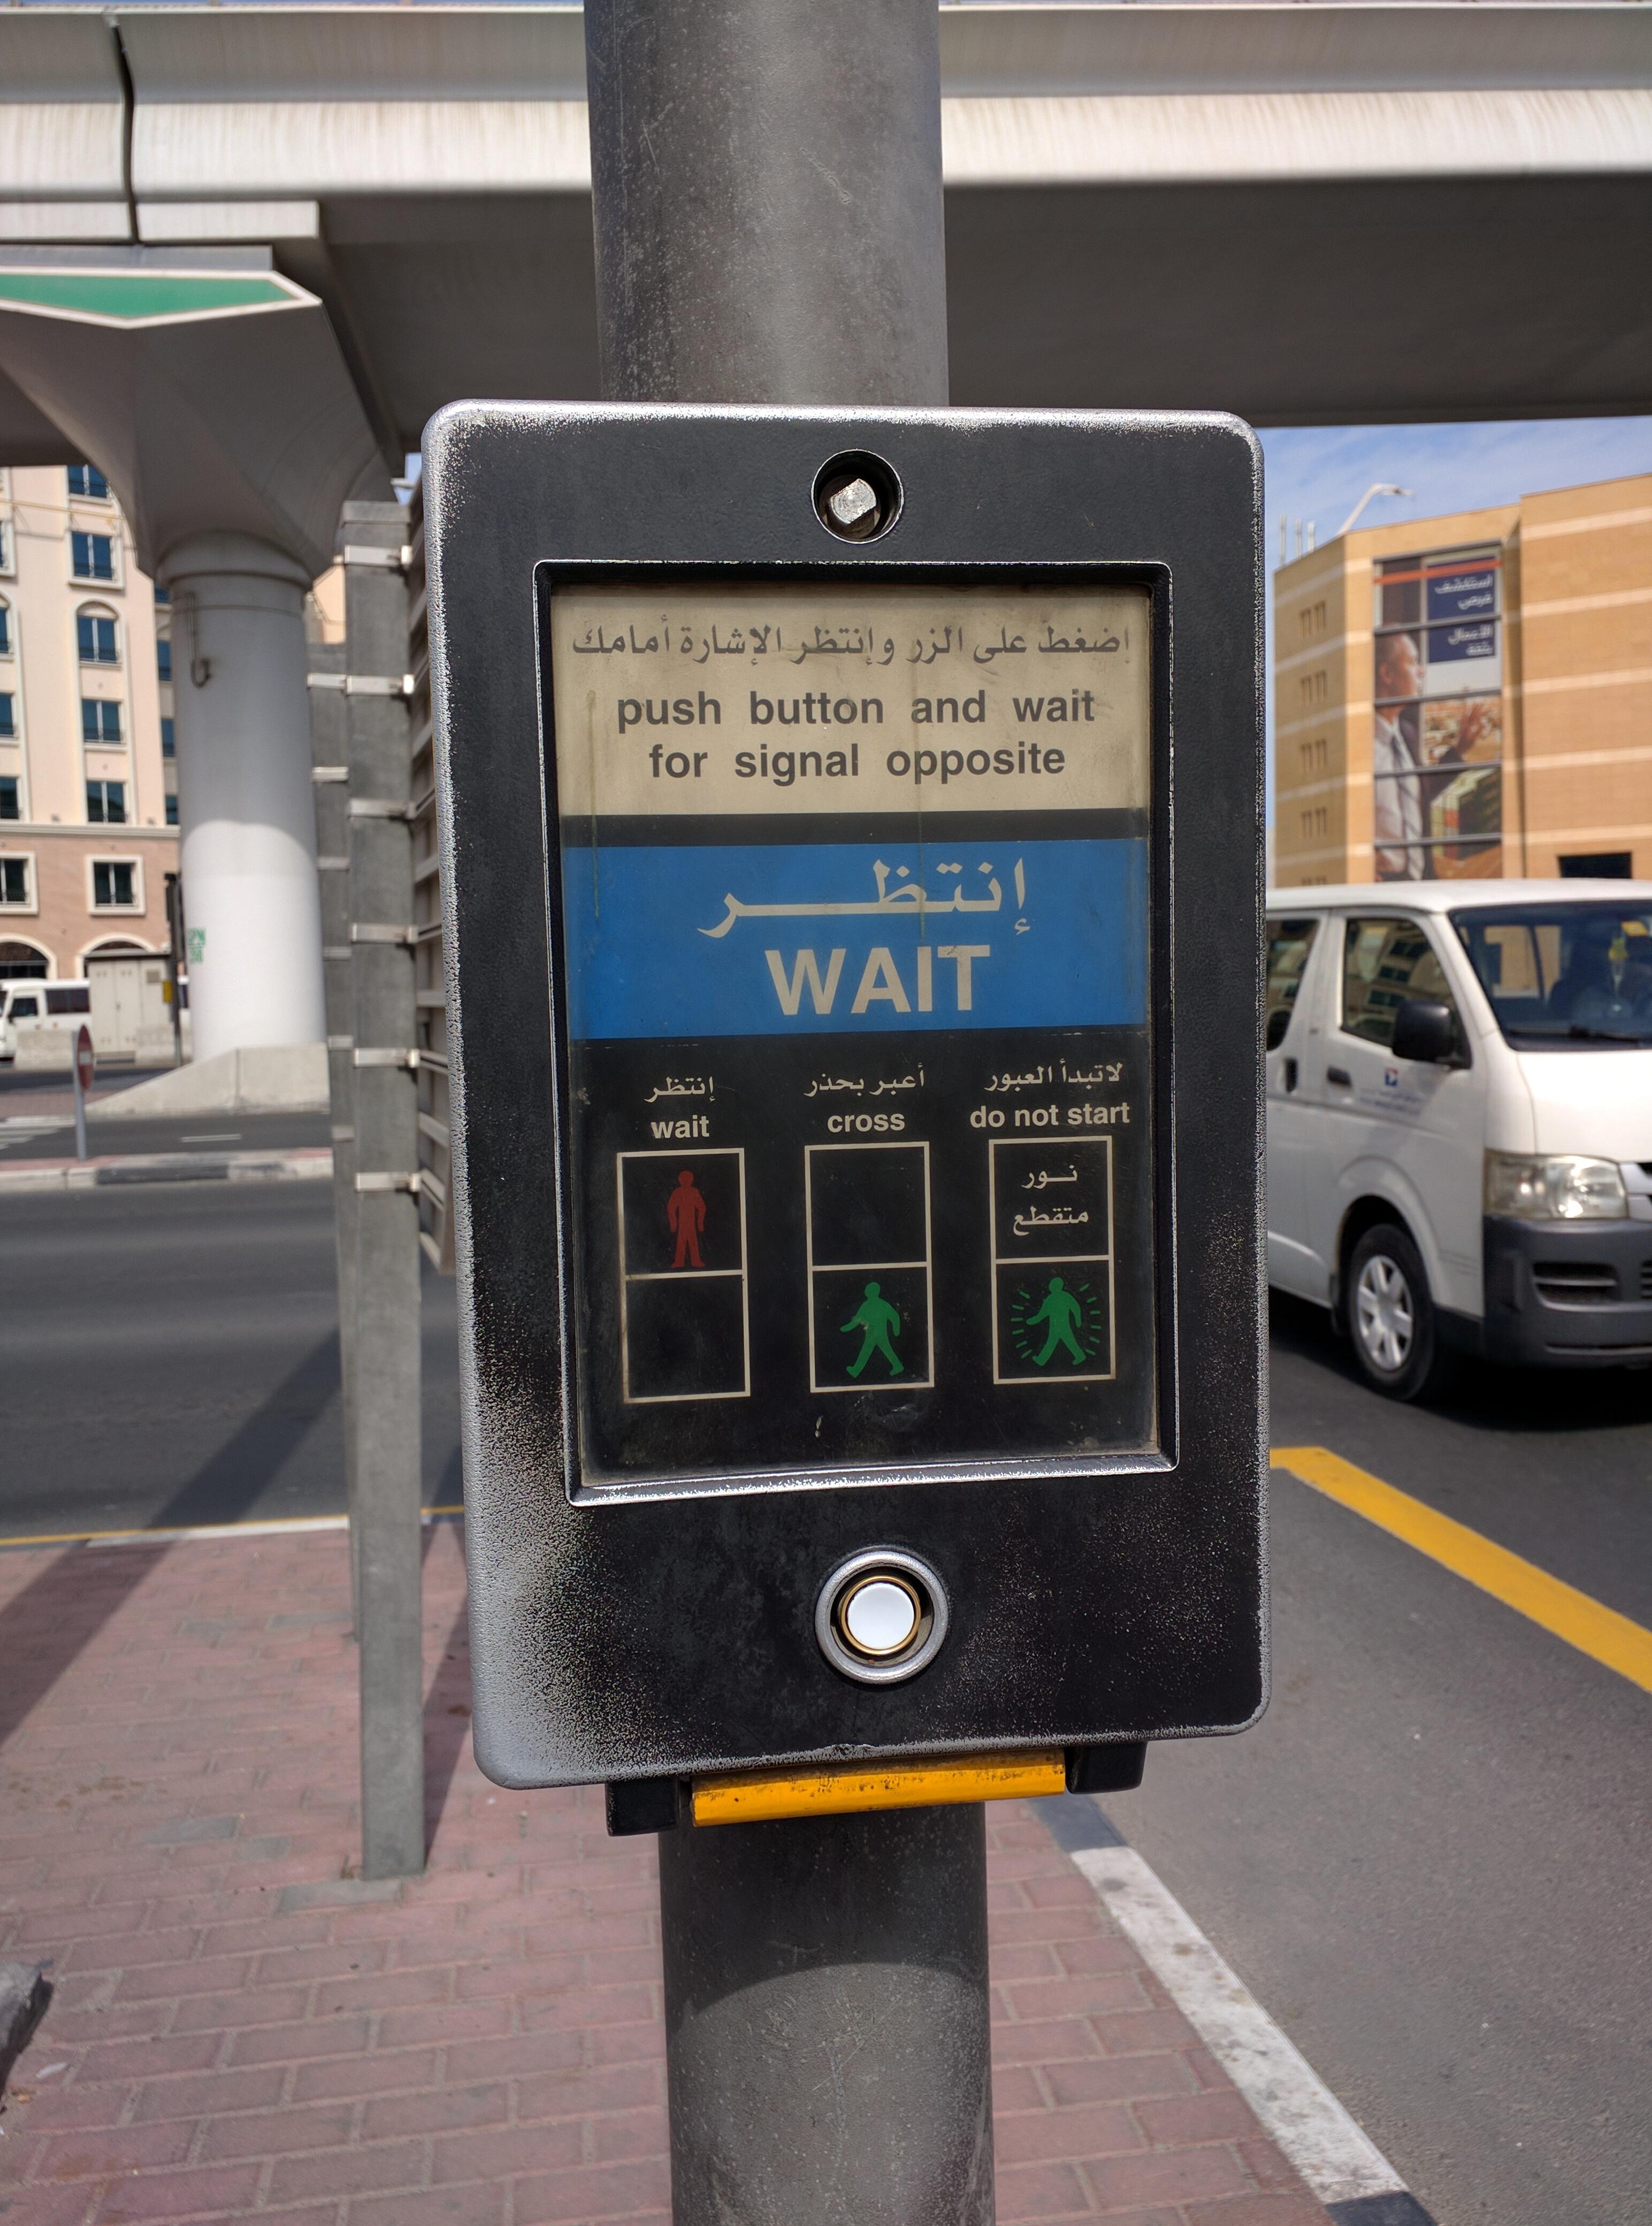 «Арабская жемчужина» или как мы удивлялись дорогам и транспорту в Дубае 5